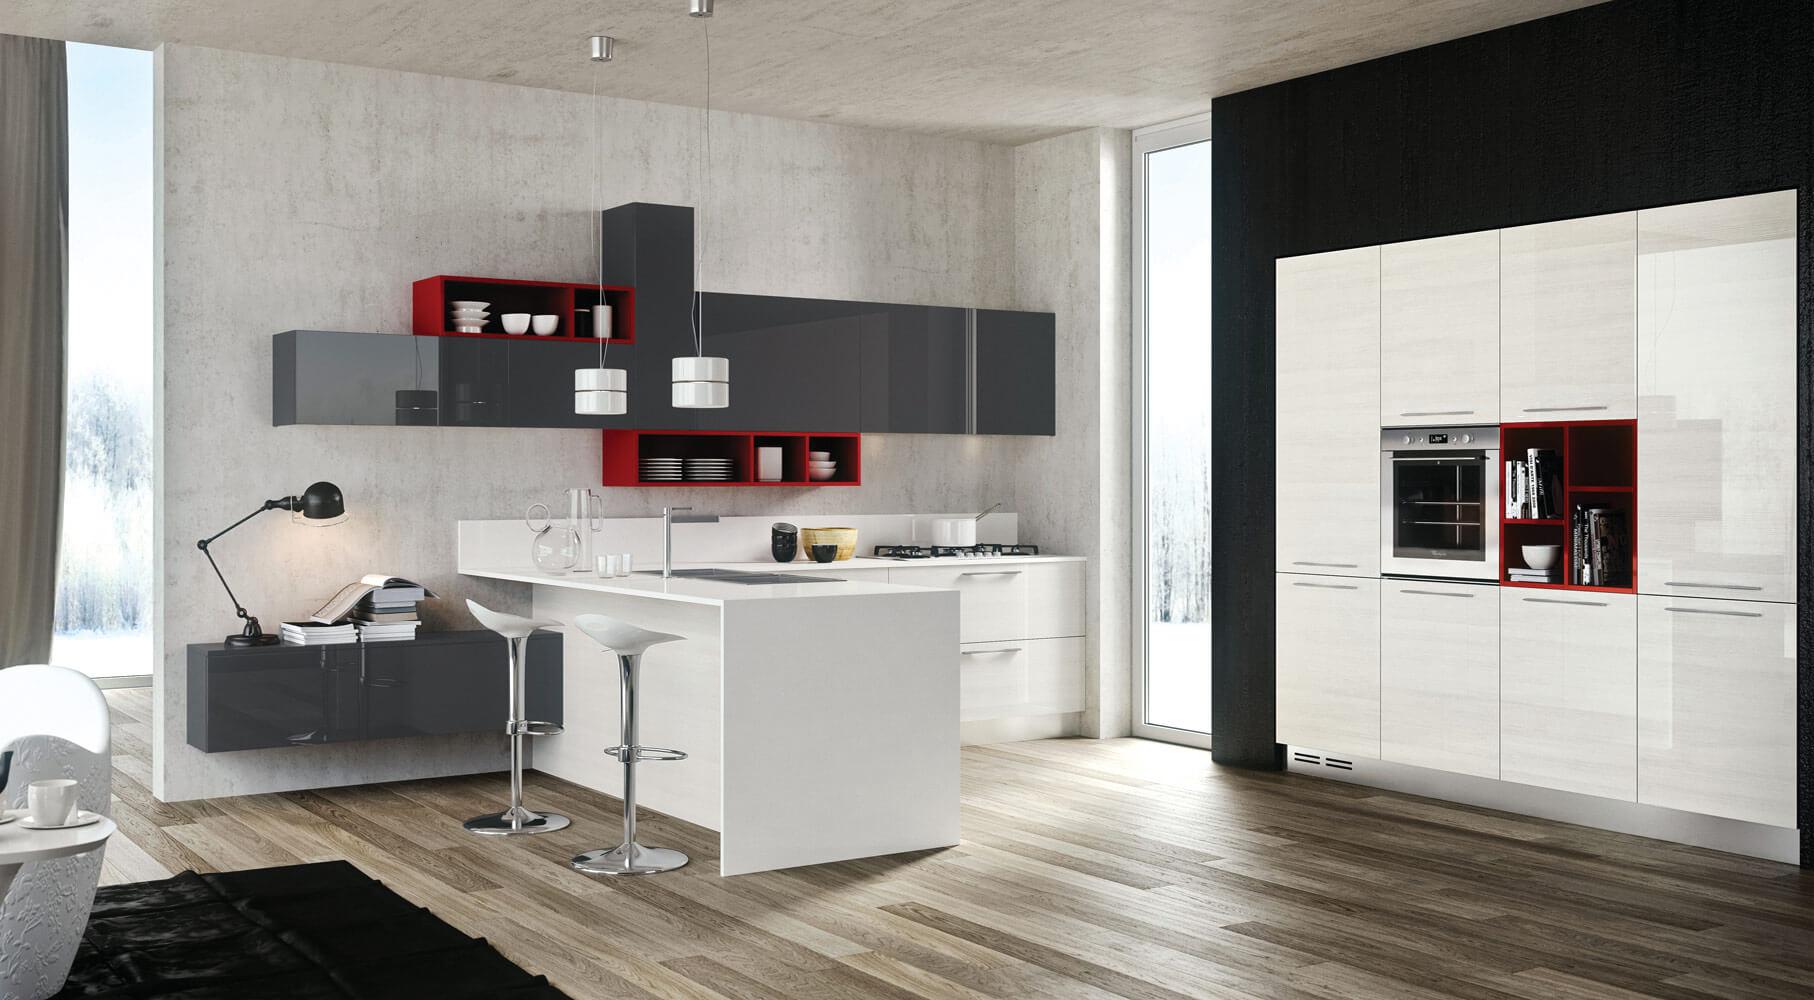 Modern kitchen design with popular style